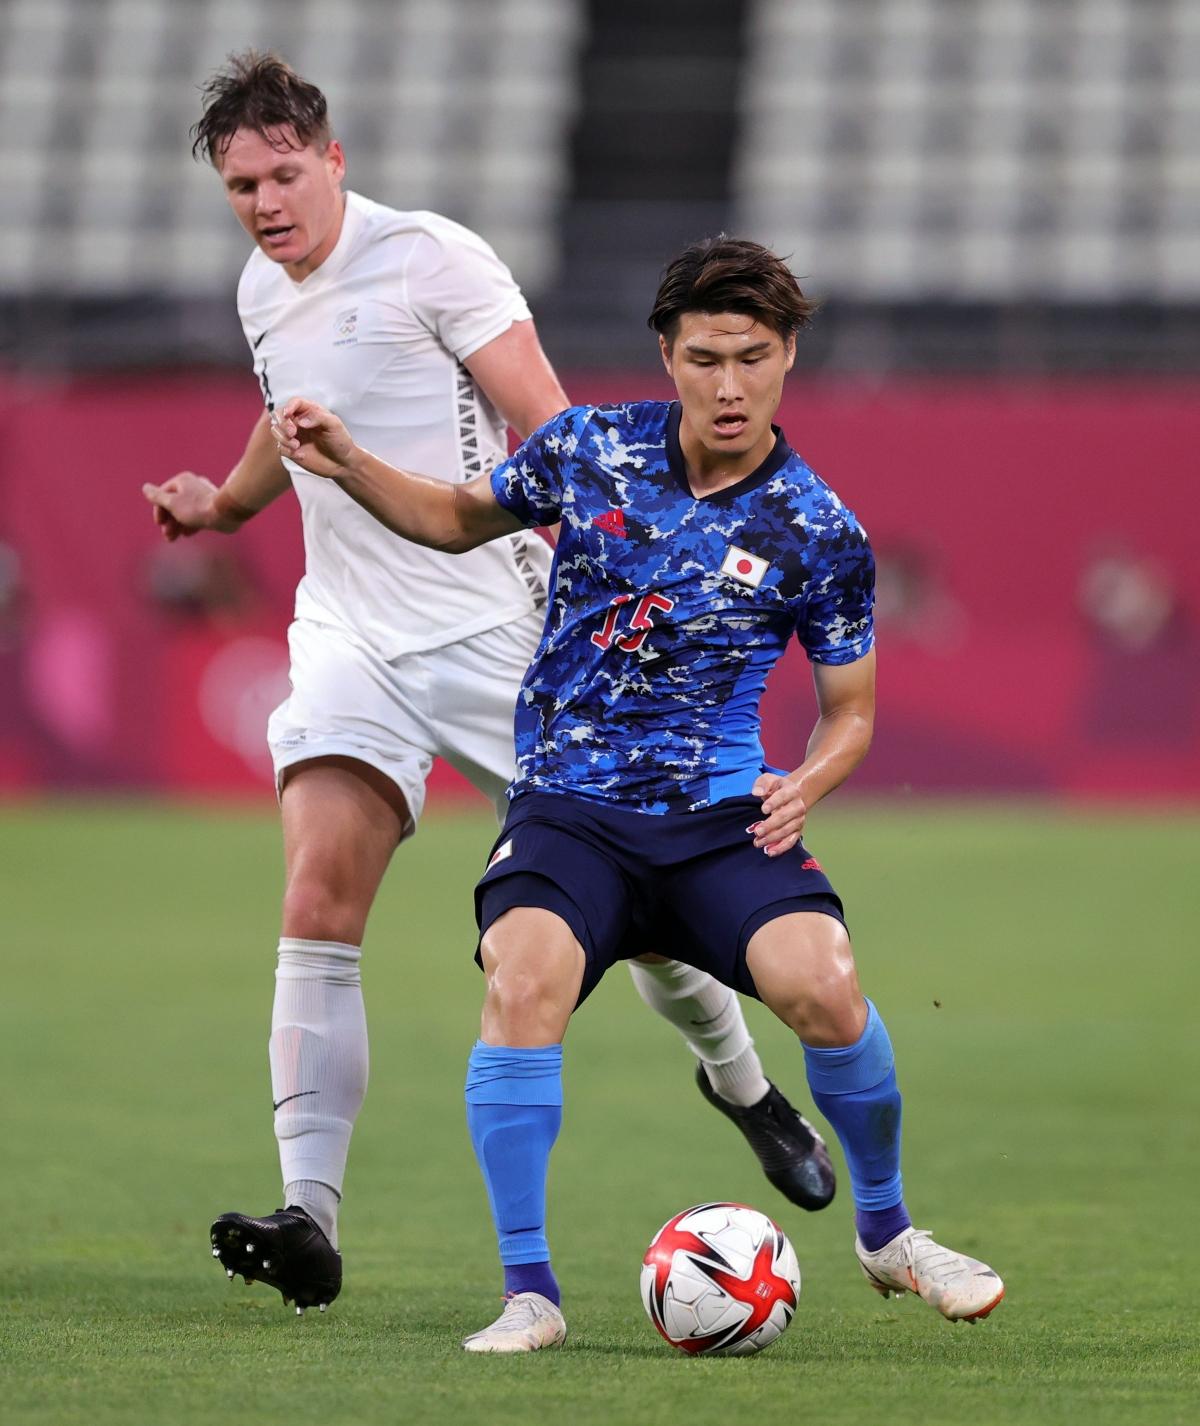 Nhật Bản tung ra 6 cú dứt điểm về phía khung thành New Zealand trong hiệp một. (Ảnh: Reuters).